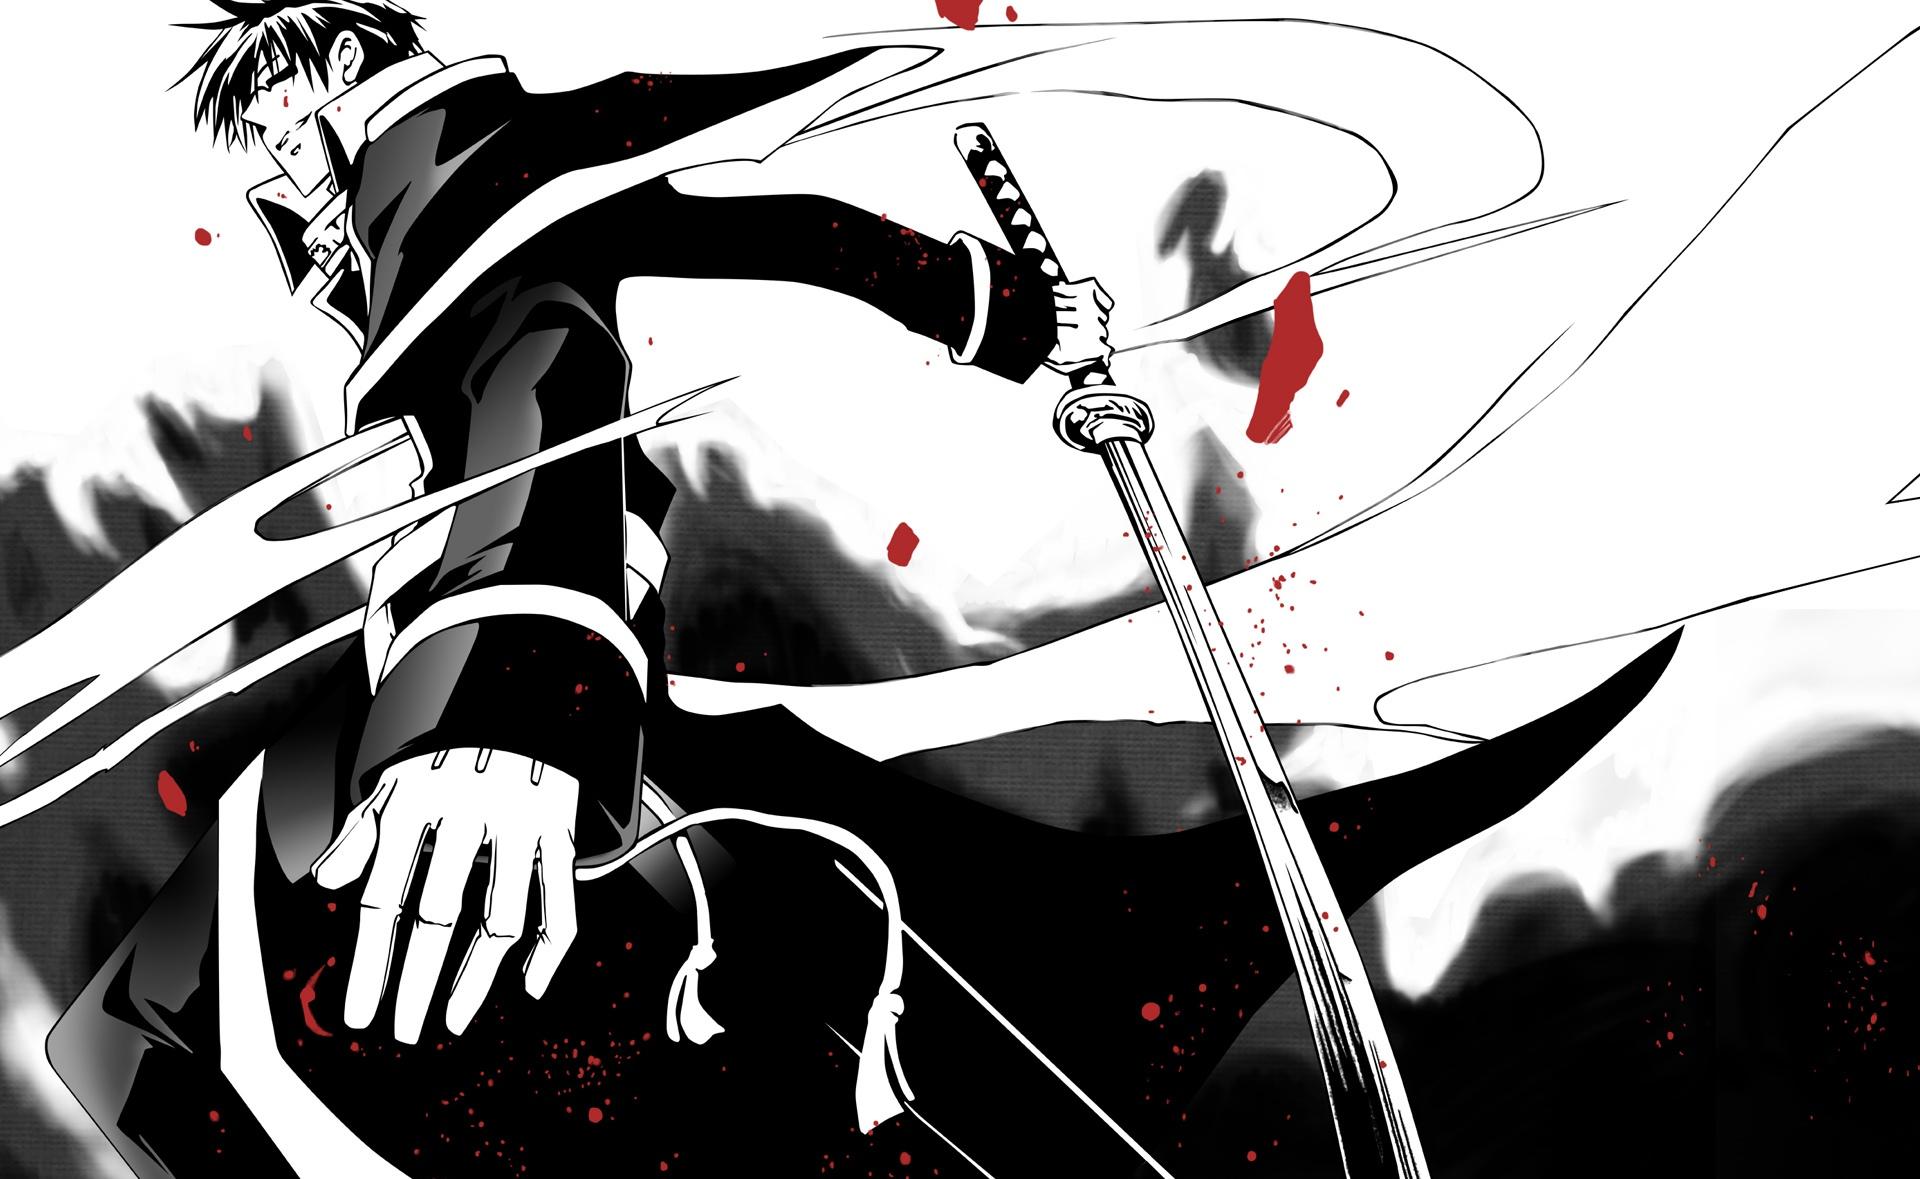 Black And White Swordman Hd Anime Wallpaper Black And White Anime 68080 Hd Wallpaper Backgrounds Download